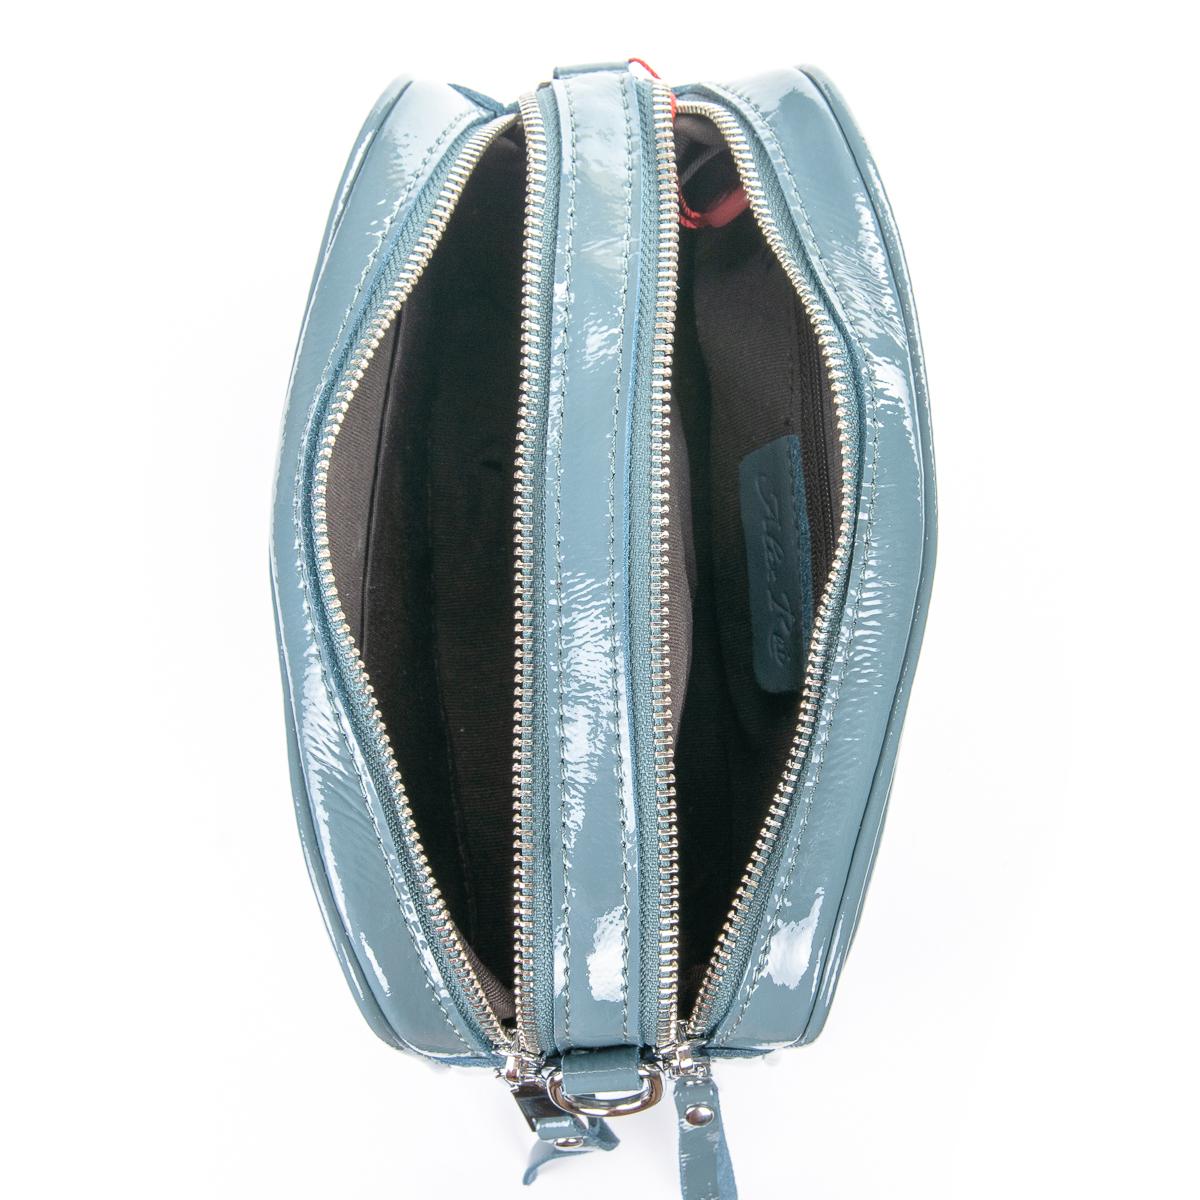 Сумка Женская Клатч кожа ALEX RAI 06-1 8736-3 l-blue - фото 5